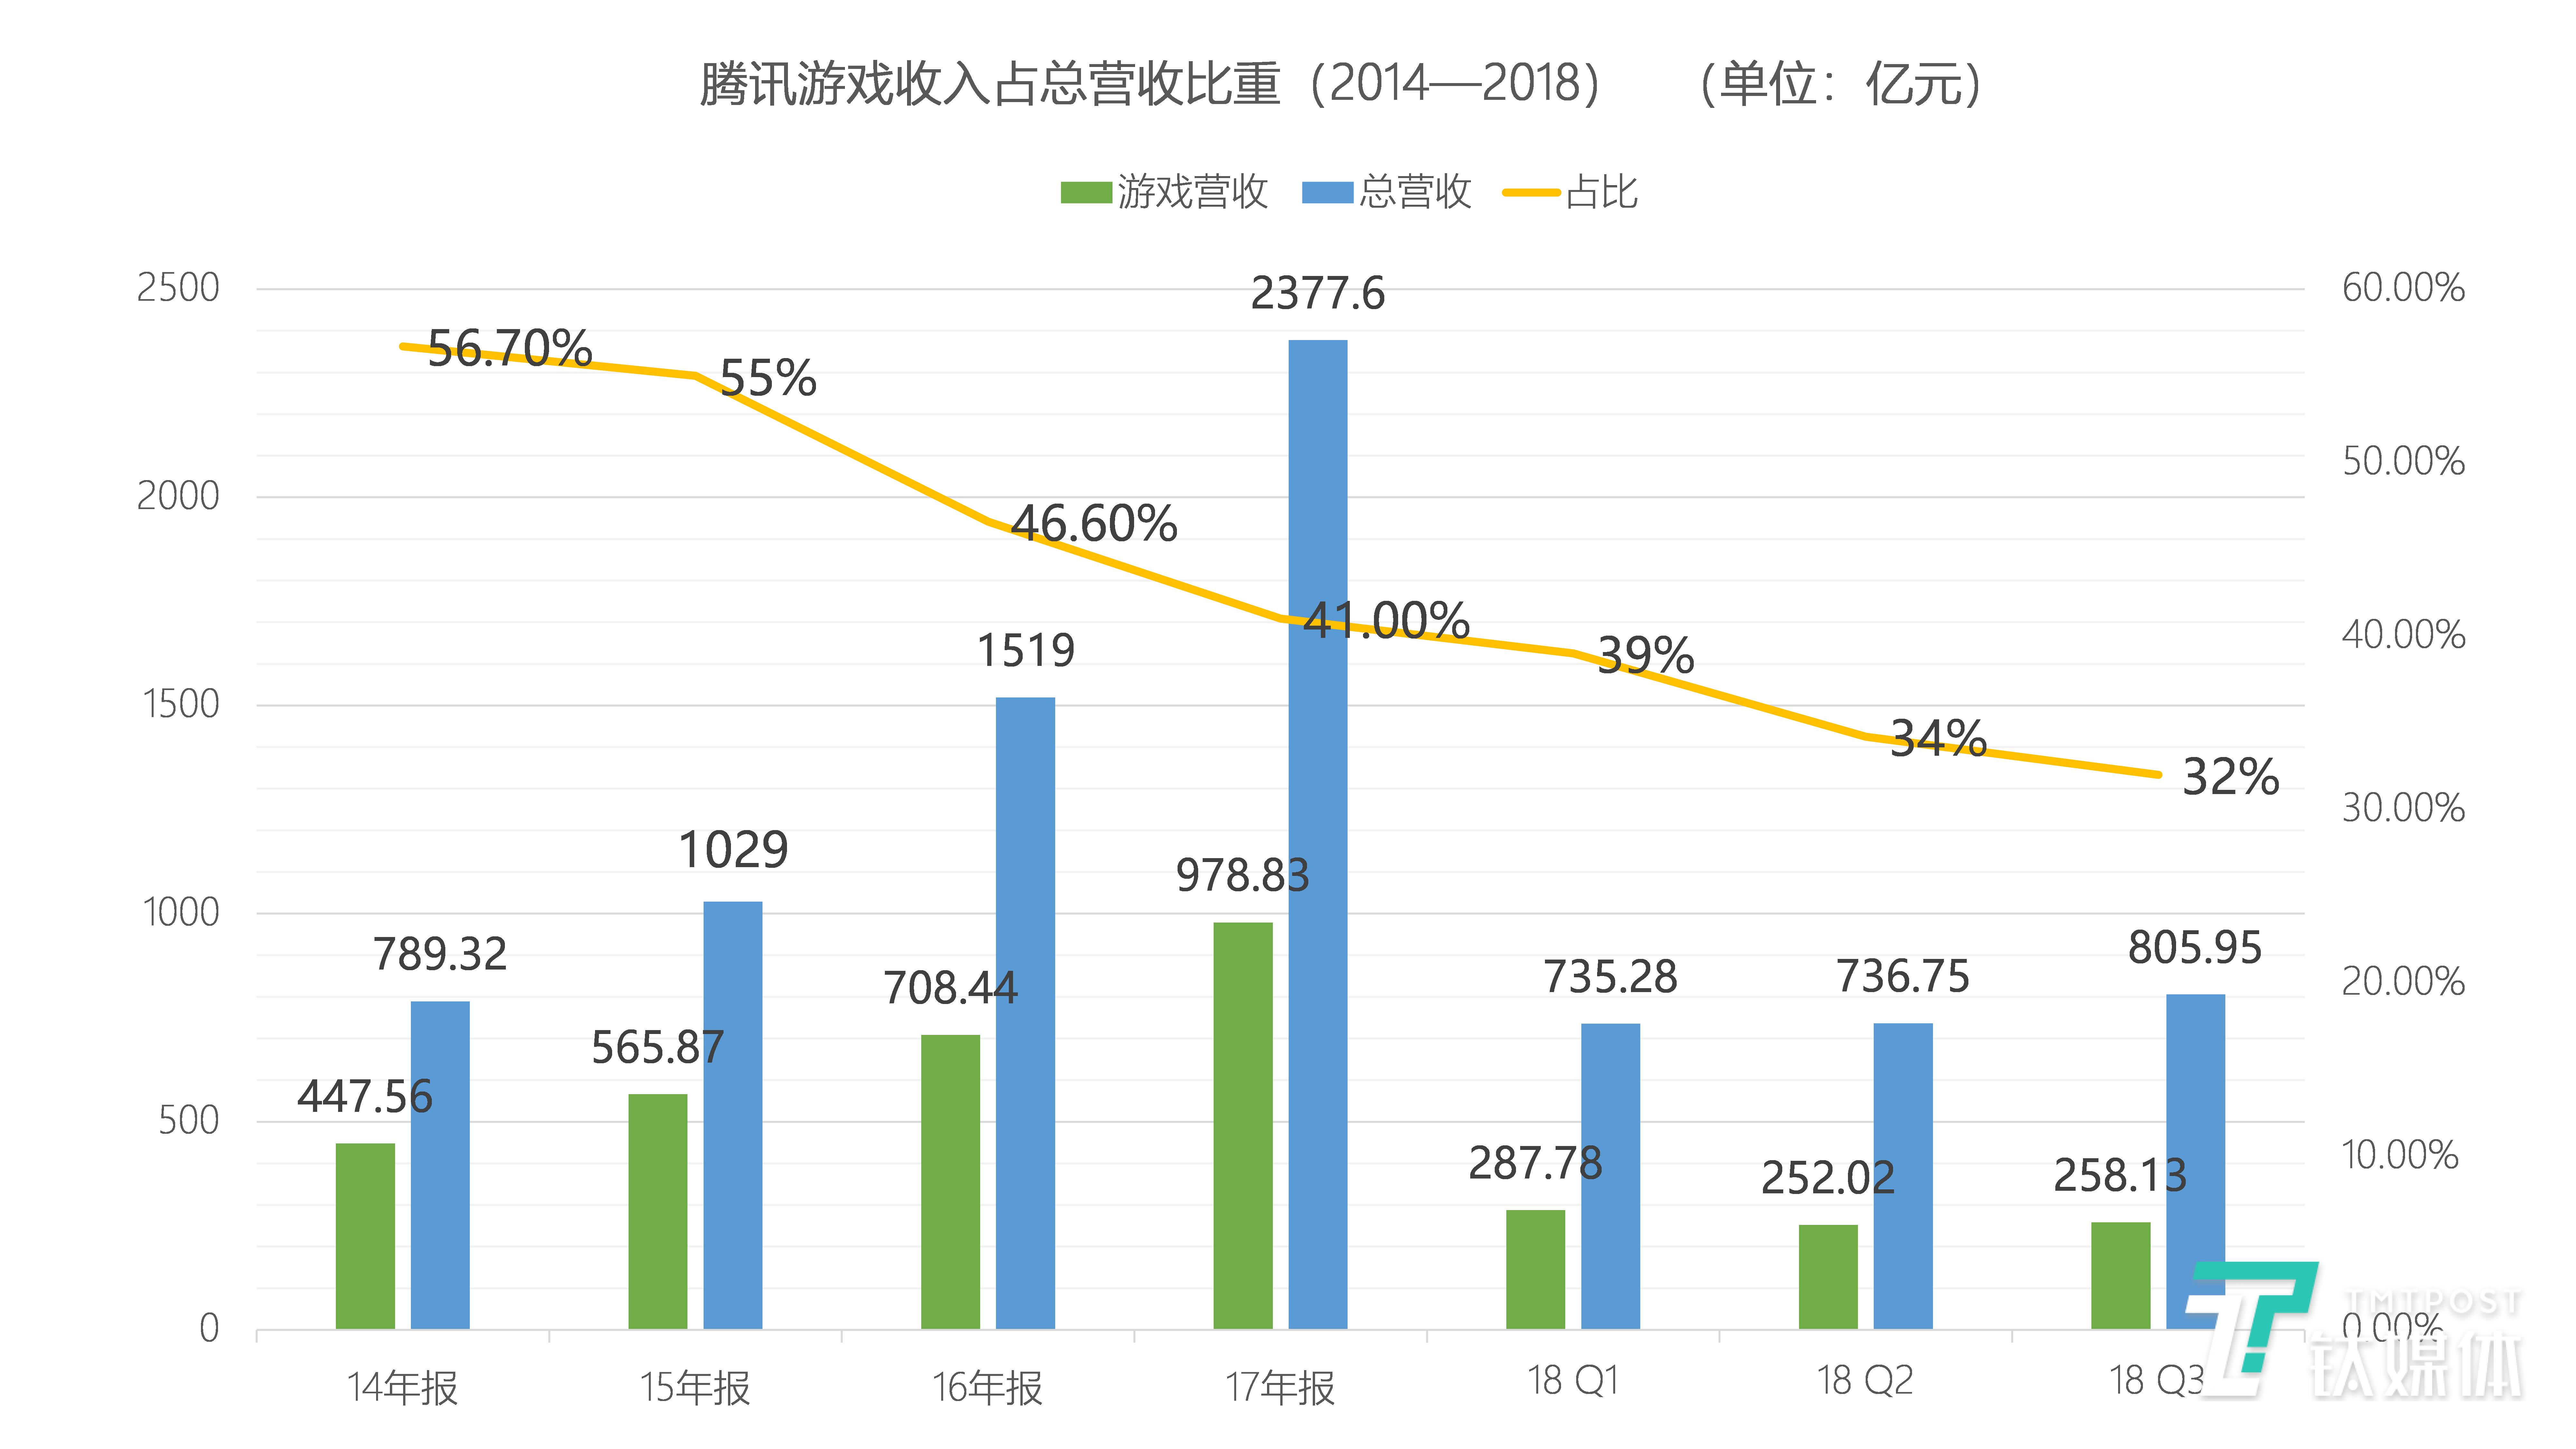 腾讯游戏收入占总营收比重(2014-2018)数据整理/芦依 绘制/丛笑